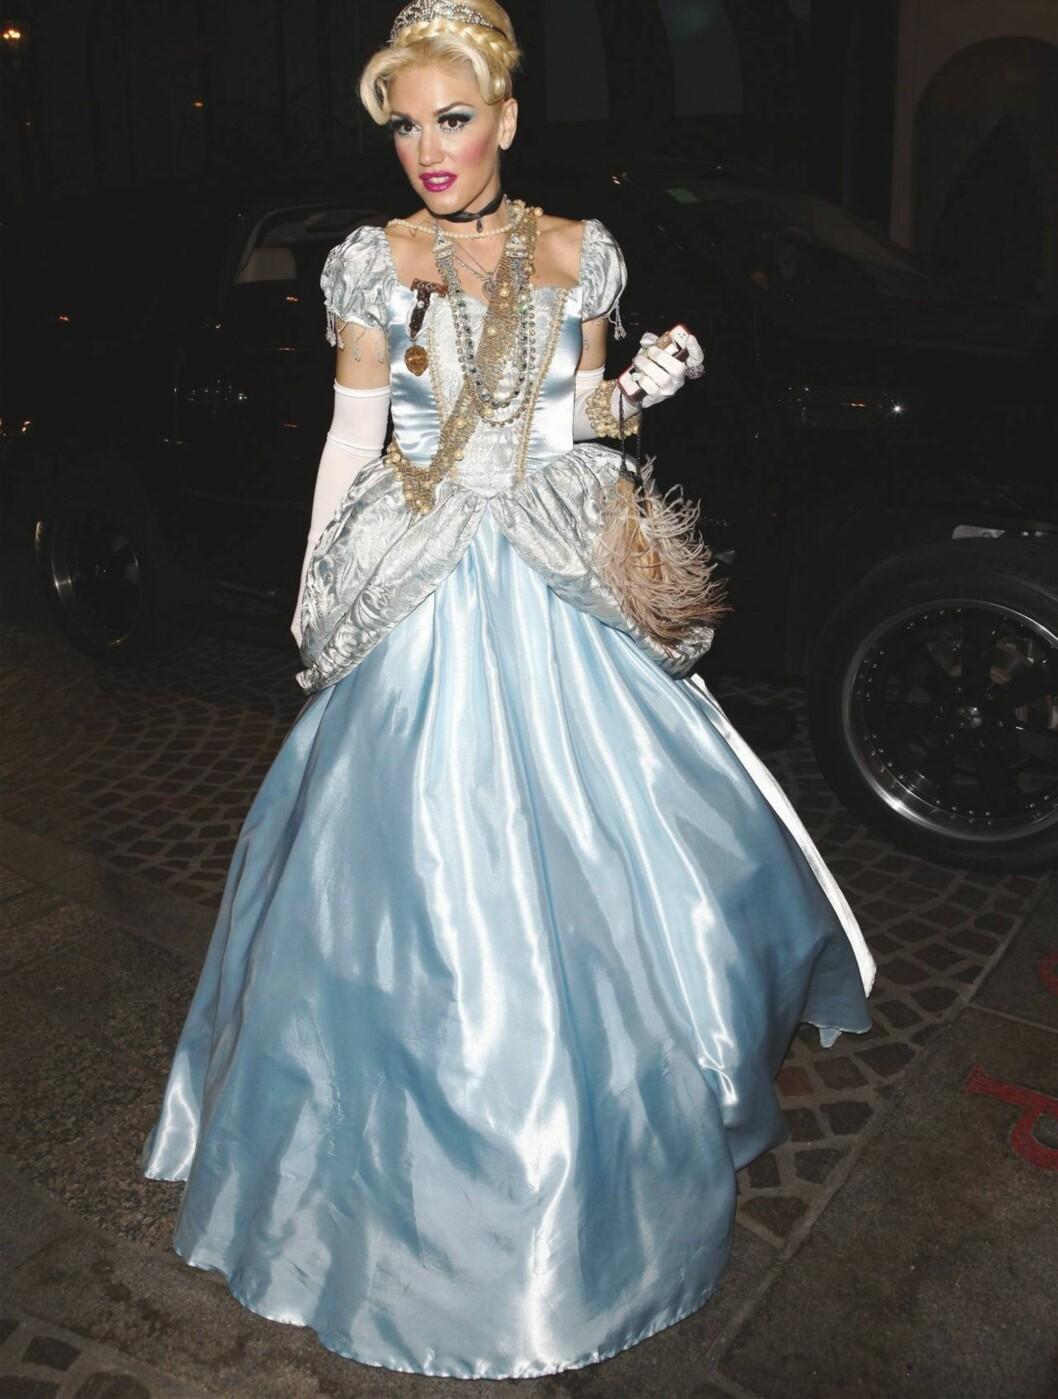 ASKEPOTT: Gwen Stefani som Askepott på Kate Hudsons fest. Foto: All Over Press